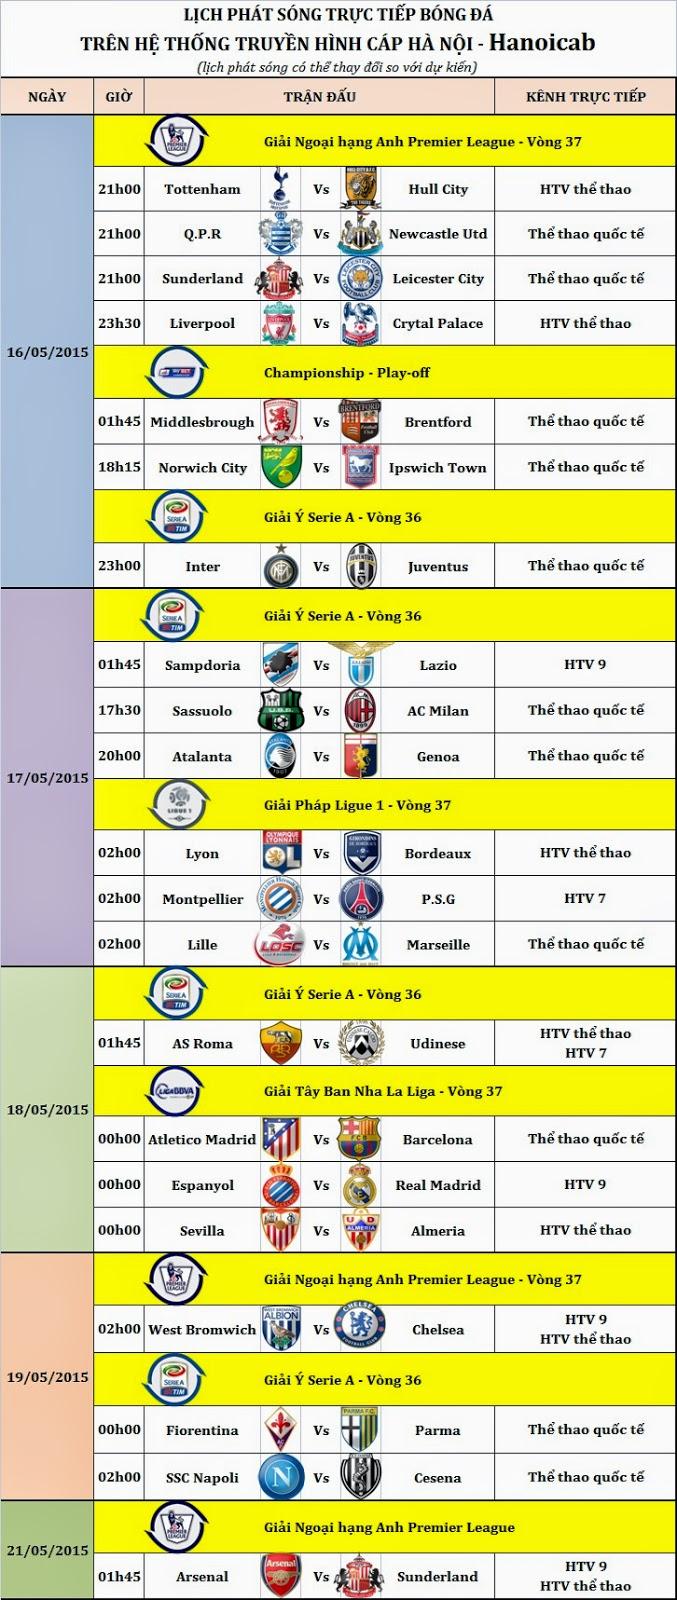 Lịch thi đấu trên Hanoicab